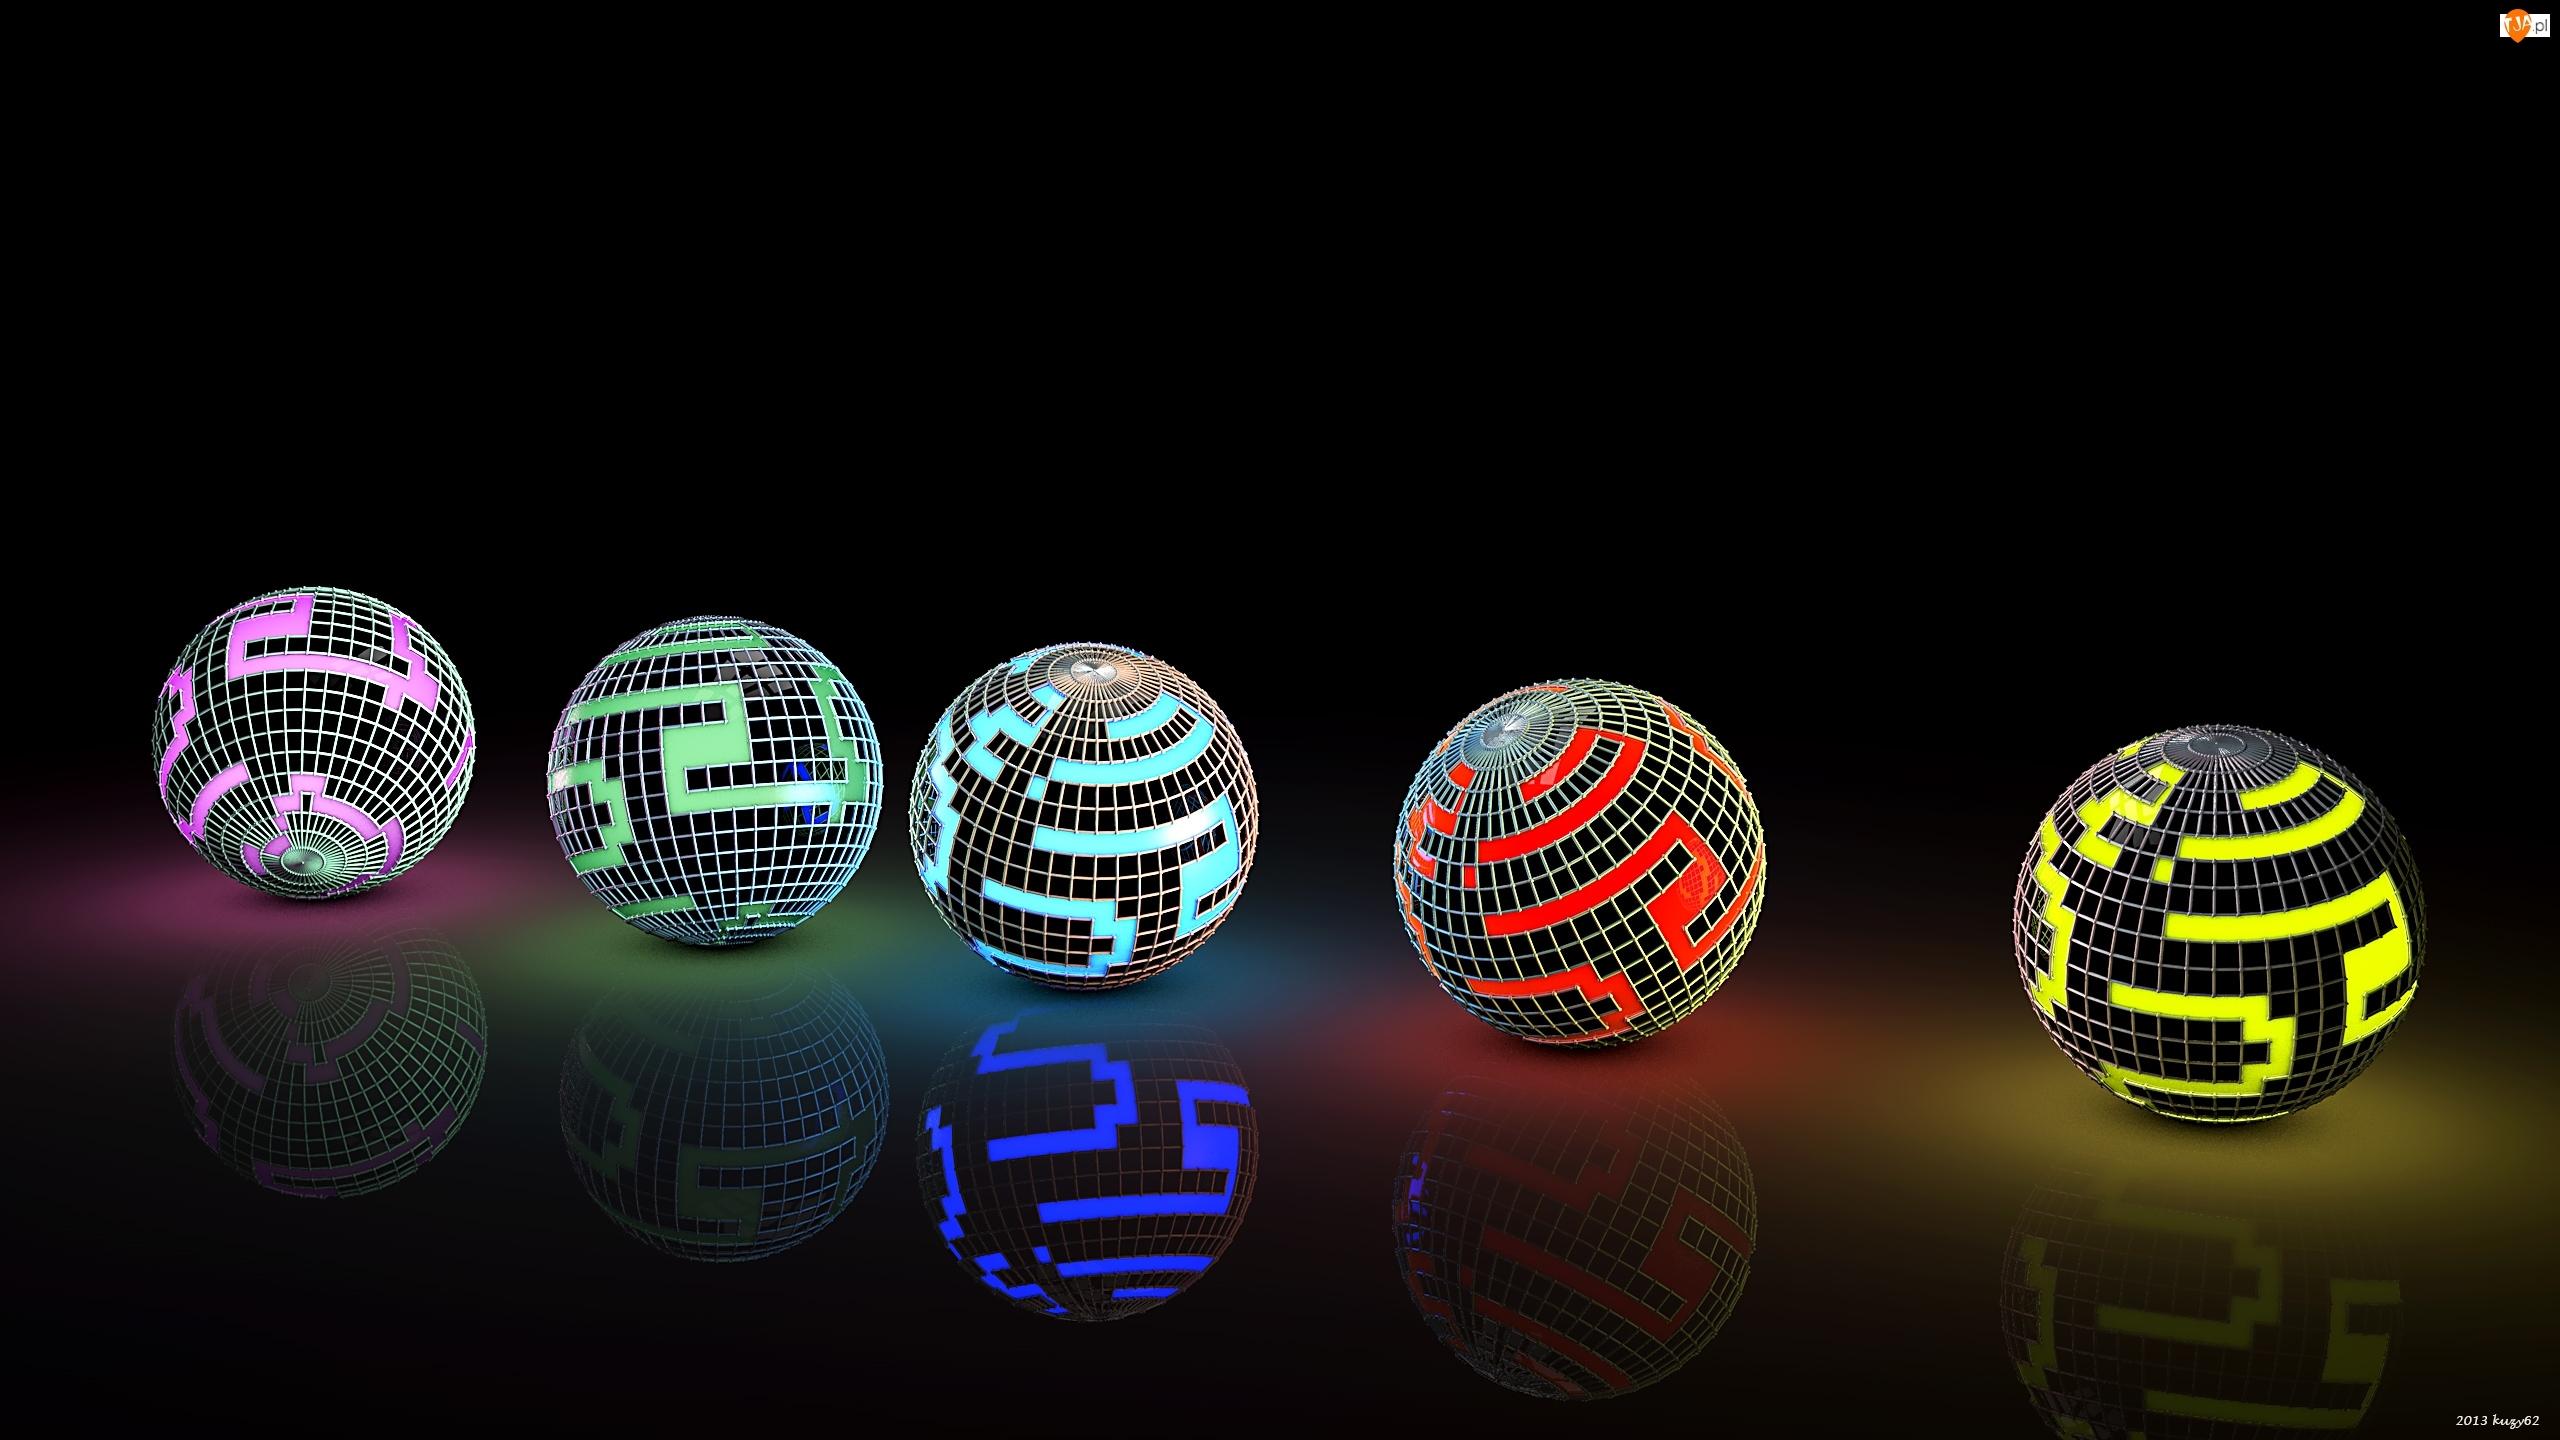 Grafika 3D, Kule, Wektorowa, Świecące